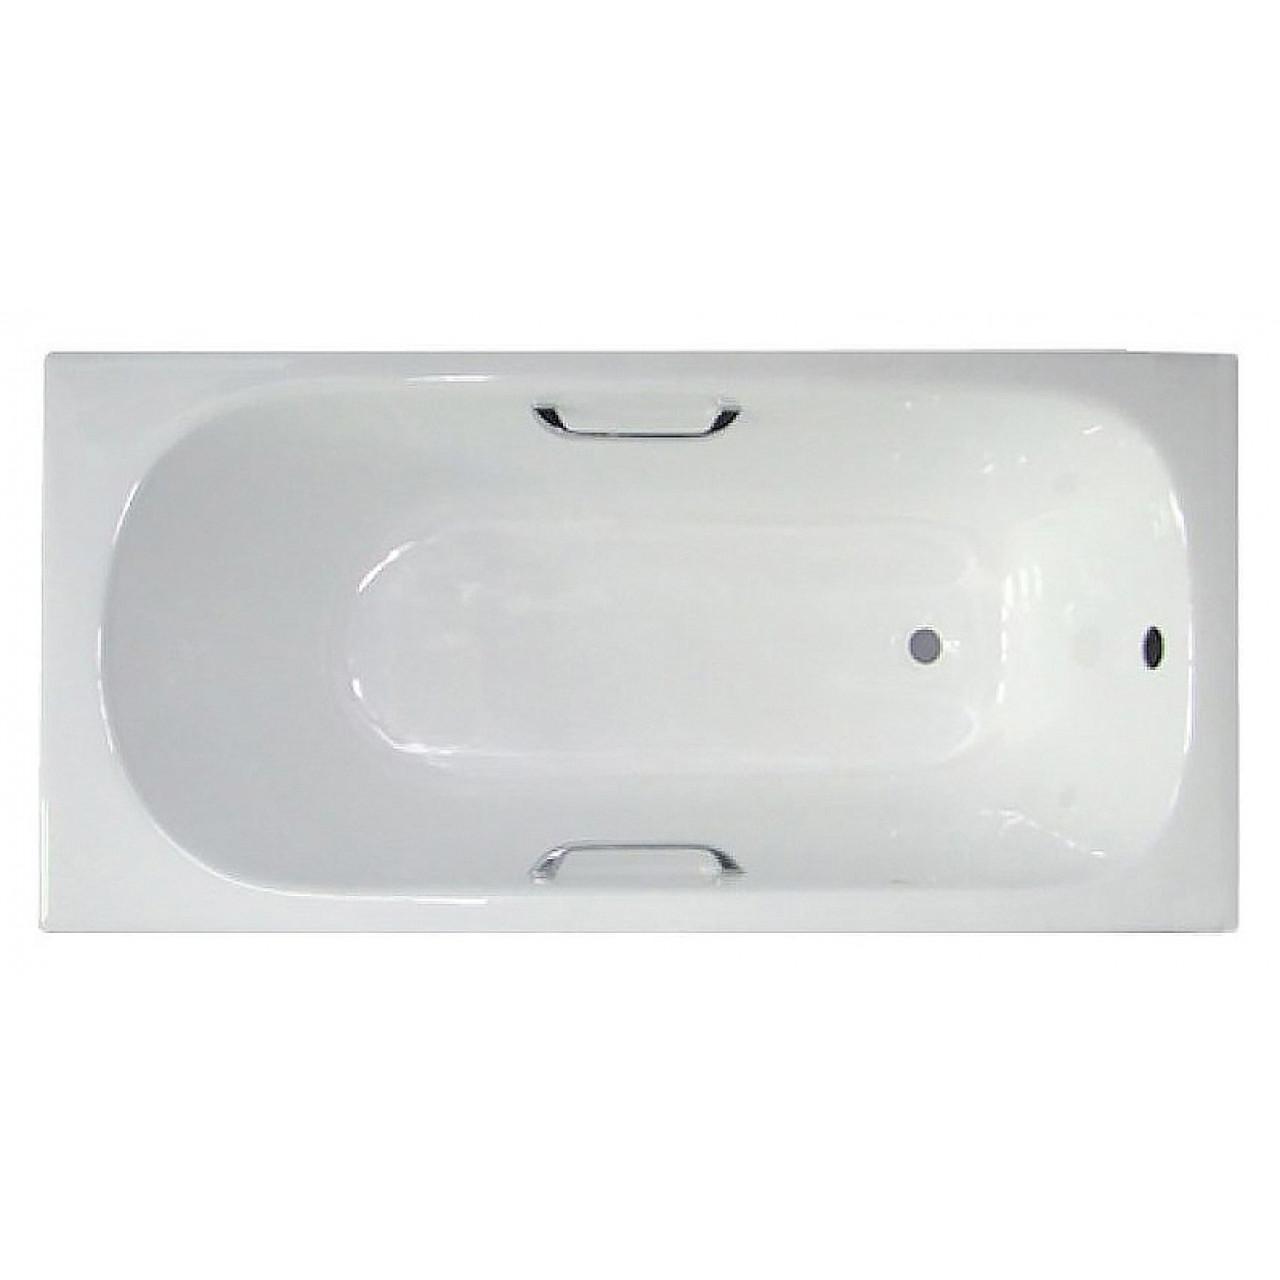 Чугунная ванна Castalia 1700х700х420 с ручками купить в Москве по цене от 26300р. в интернет-магазине mebel-v-vannu.ru